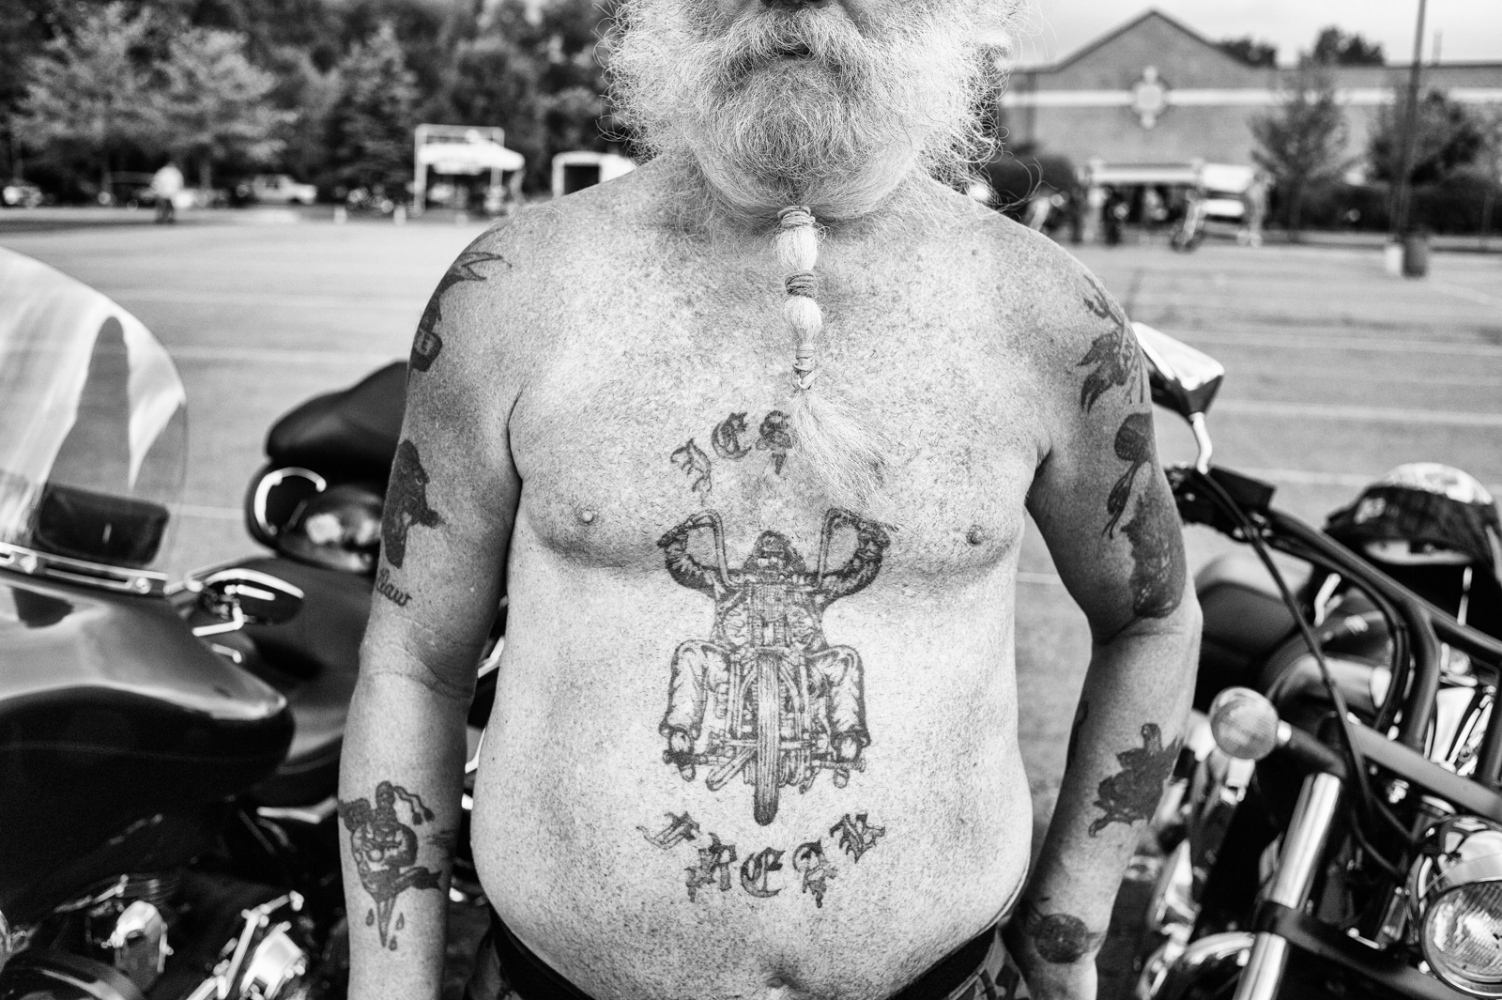 Tattoo of biker riding, Livonia, MI